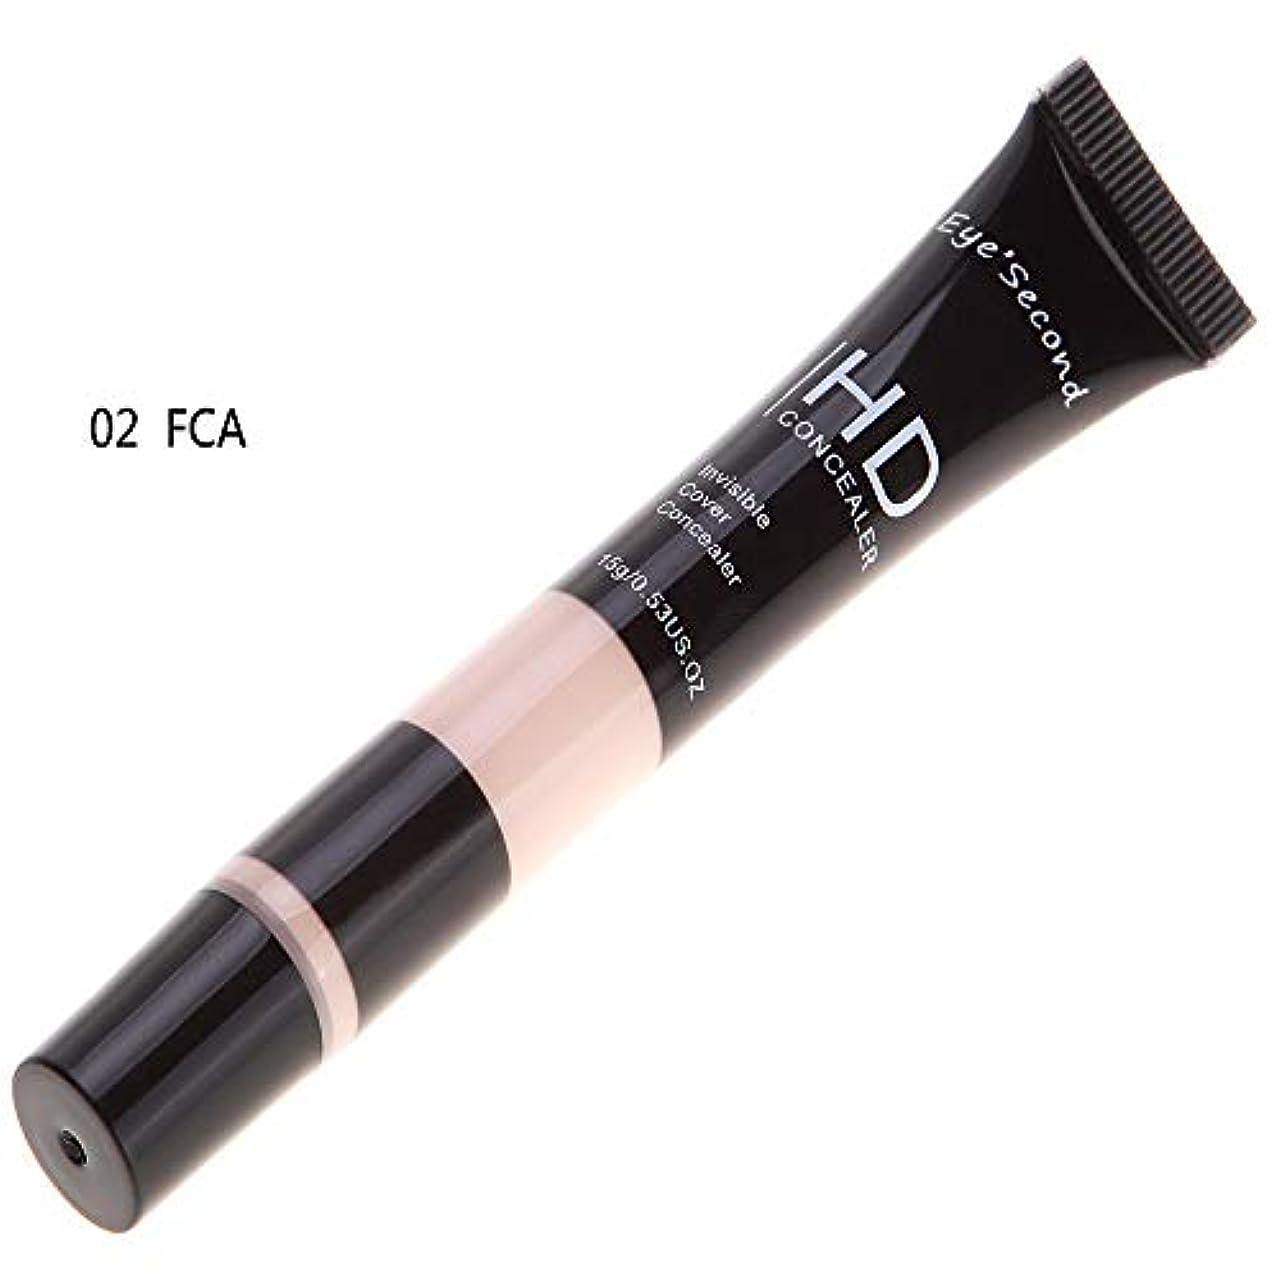 エンディング臨検ナースコンシーラー フラットヘッド ホース 保湿 ホワイトニング カバーパーフェクション チップ 化粧品 上質 滑らかな風合い